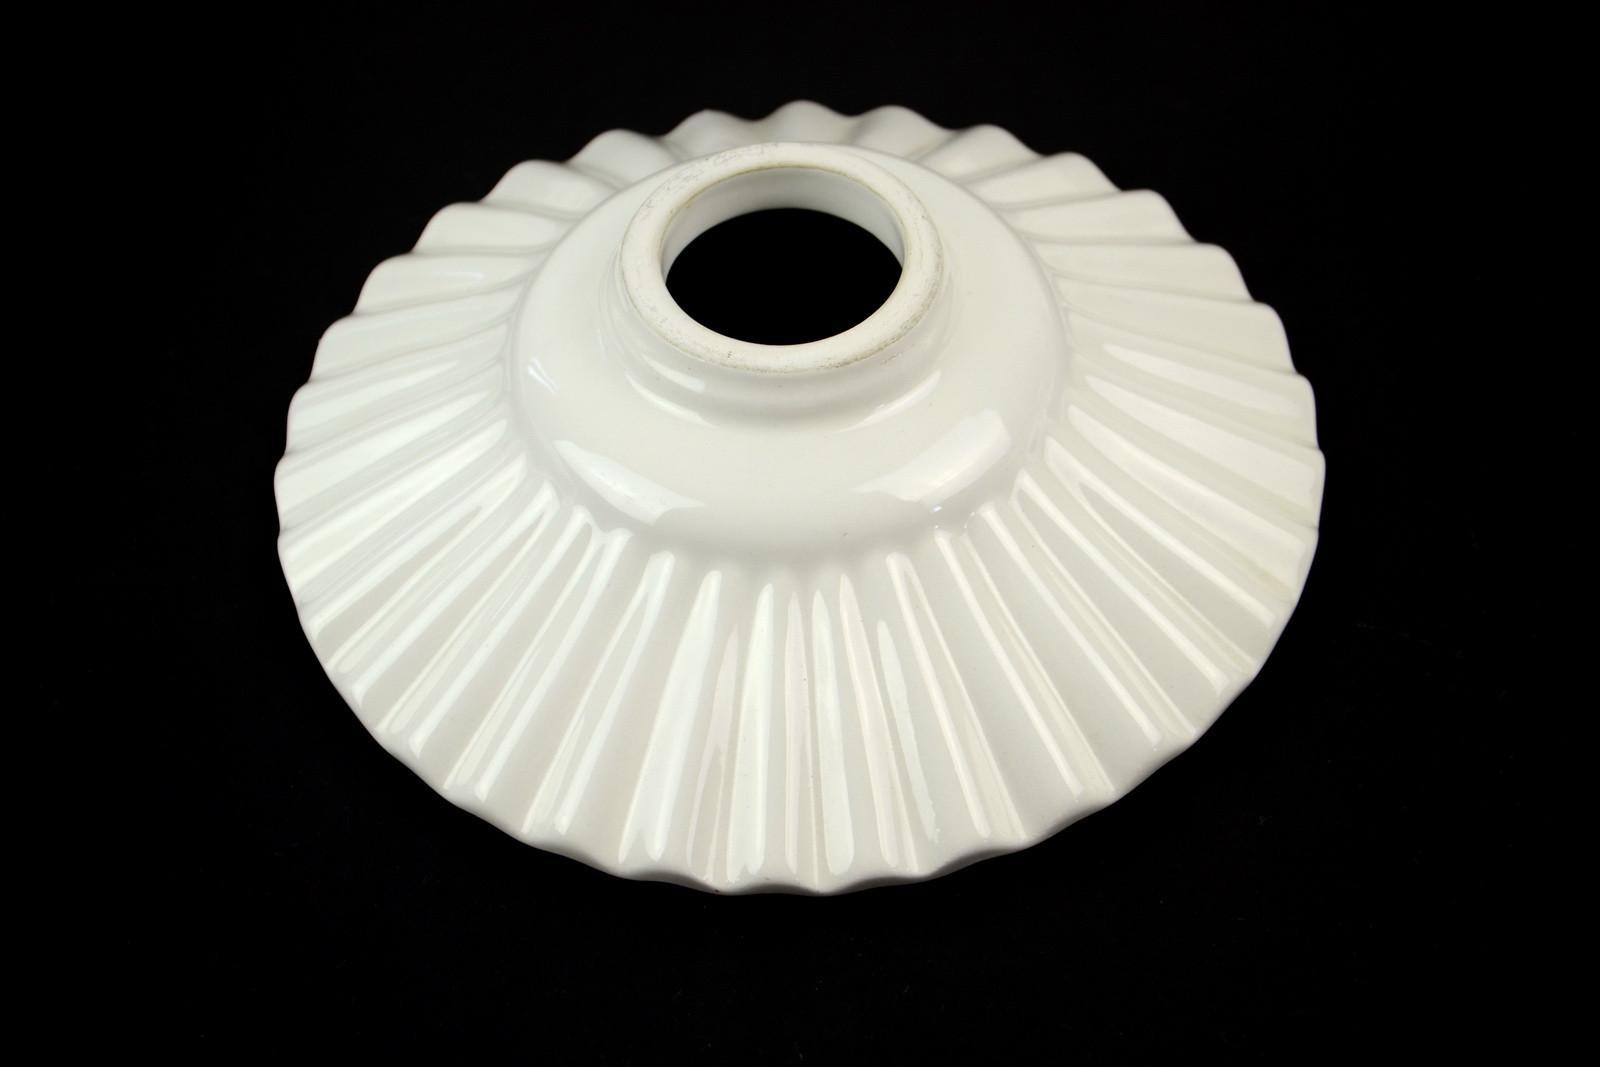 pv101-piatto-luce-in-ceramica-cm-19-1,1342.jpg?WebbinsCacheCounter=1